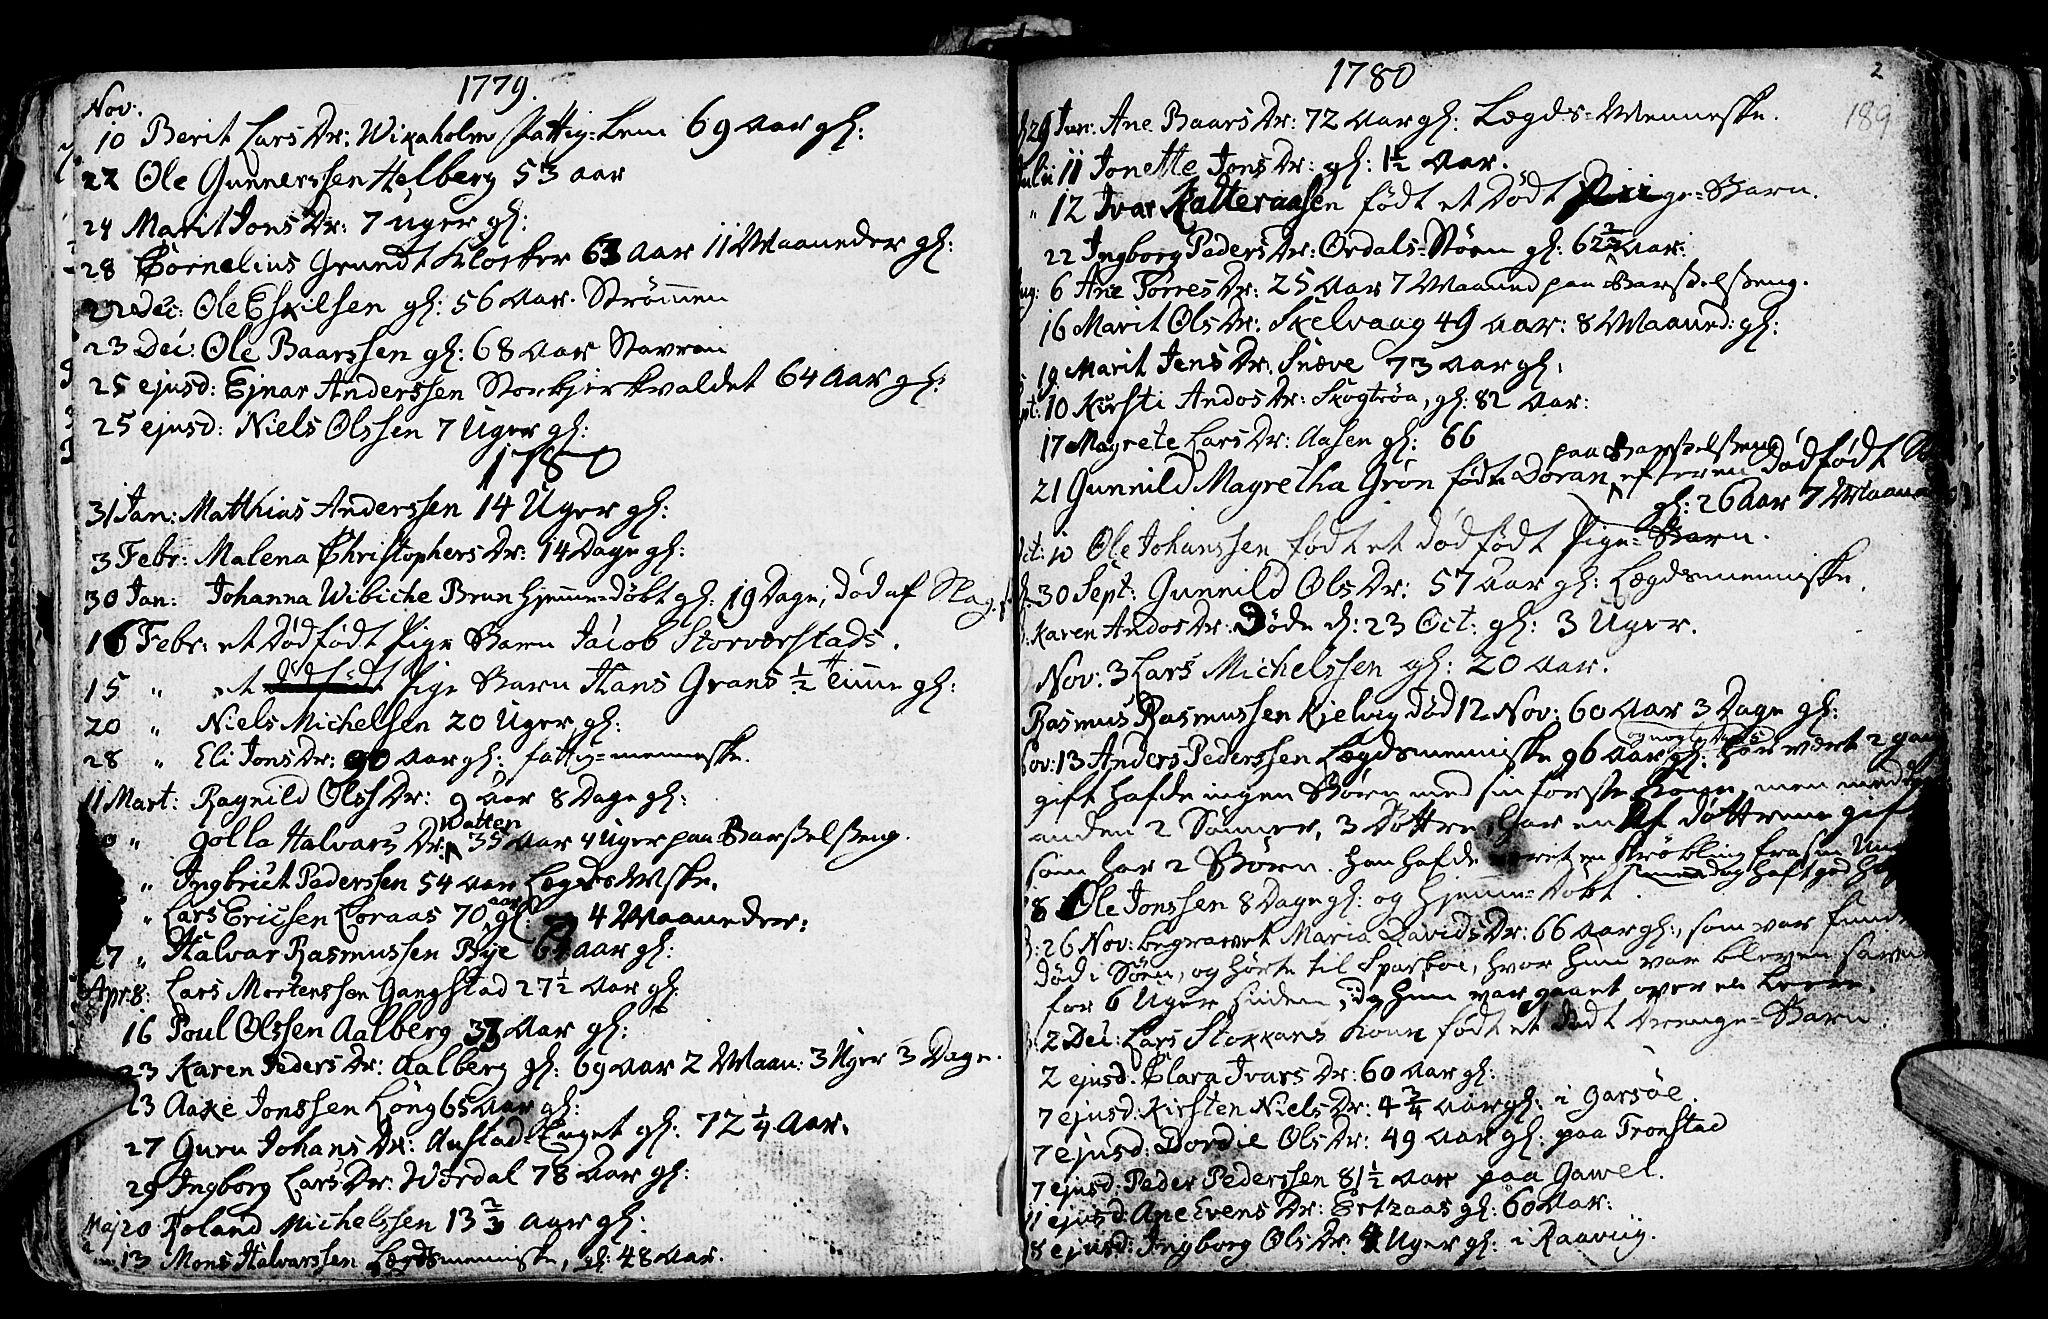 SAT, Ministerialprotokoller, klokkerbøker og fødselsregistre - Nord-Trøndelag, 730/L0273: Ministerialbok nr. 730A02, 1762-1802, s. 189